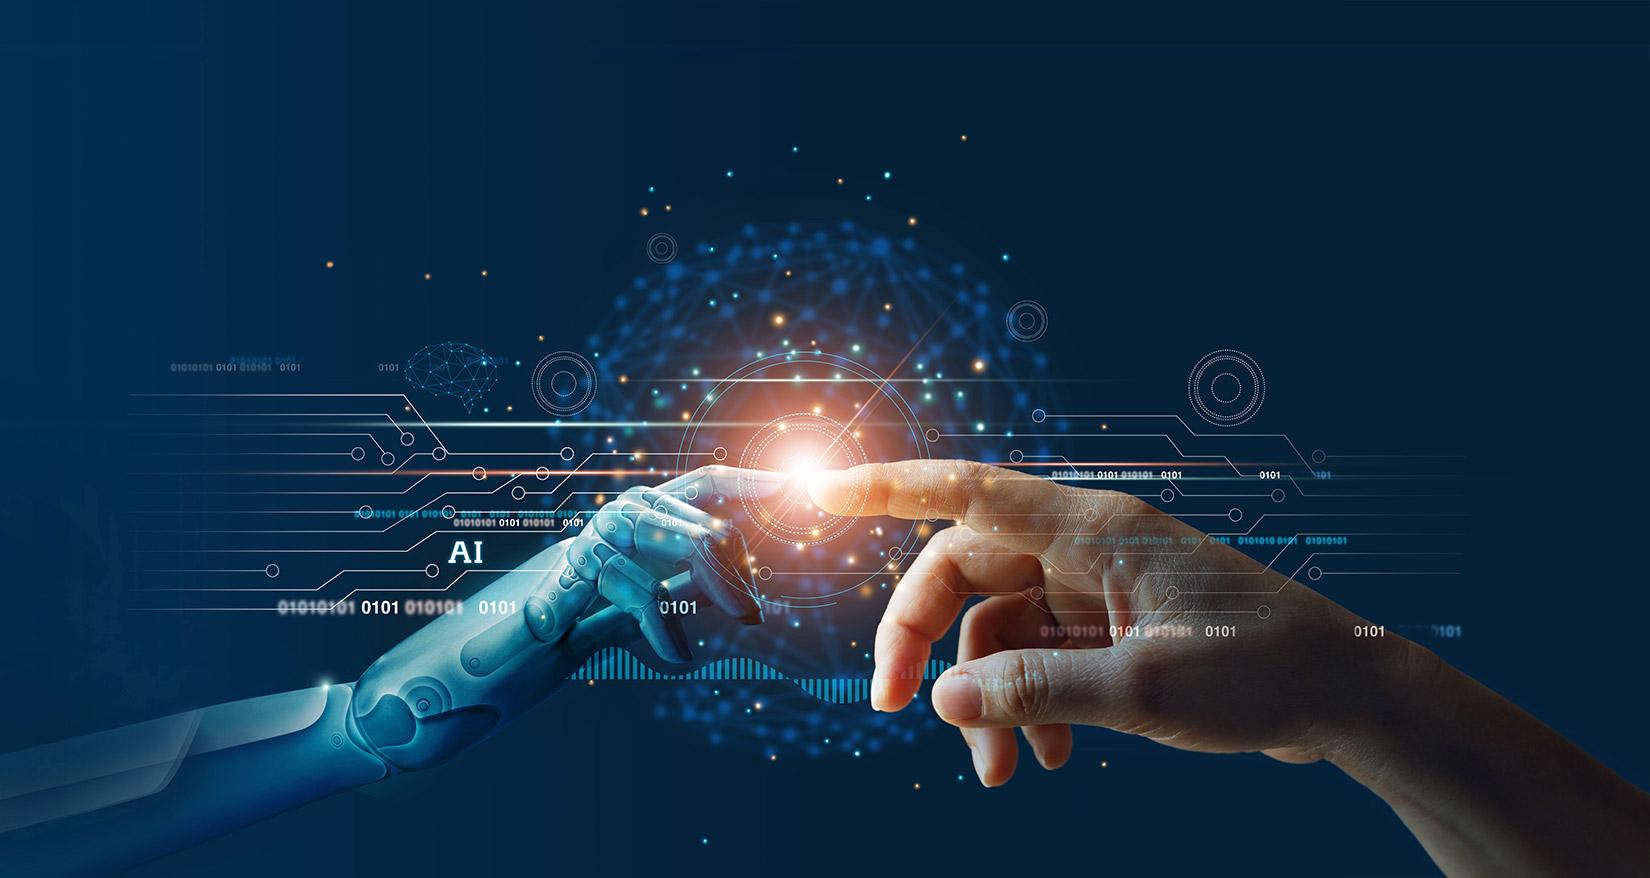 「考える機械」の導入で高まる抑止破綻とエスカレーションのリスク